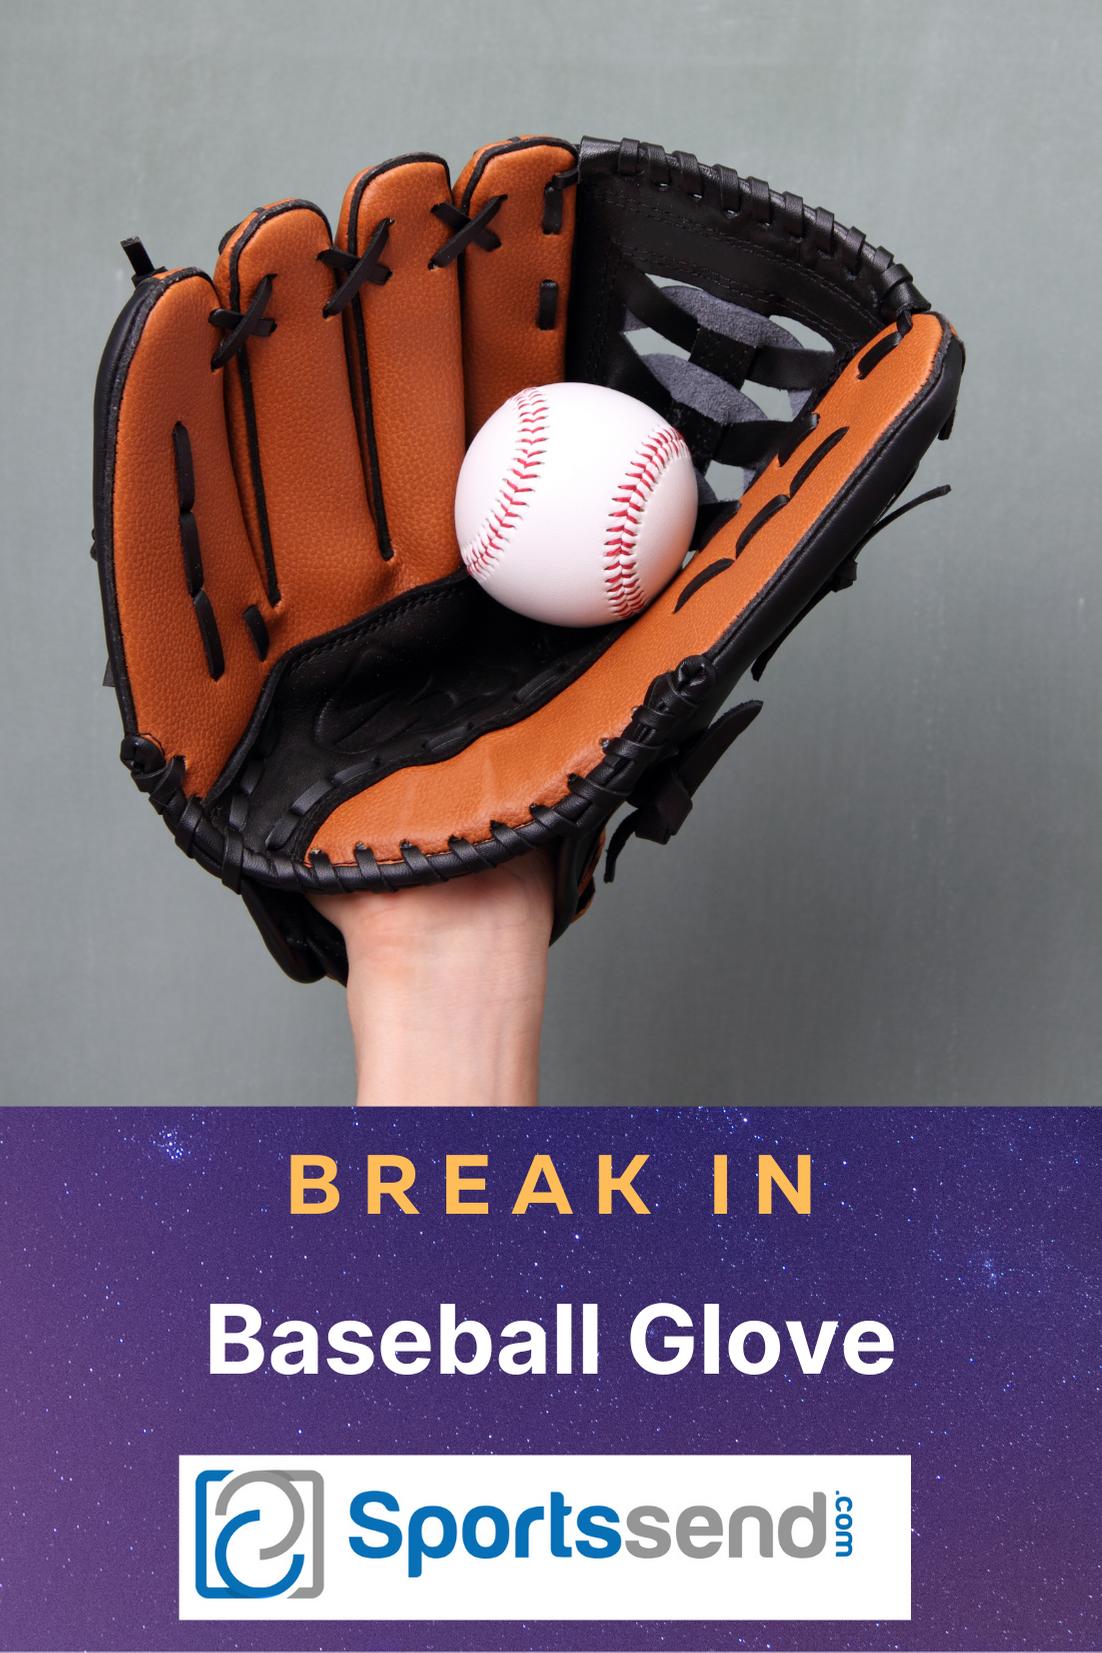 Best Way To Break In A New Baseball Glove In 2021 Baseball Glove Break In Baseball Glove Gloves